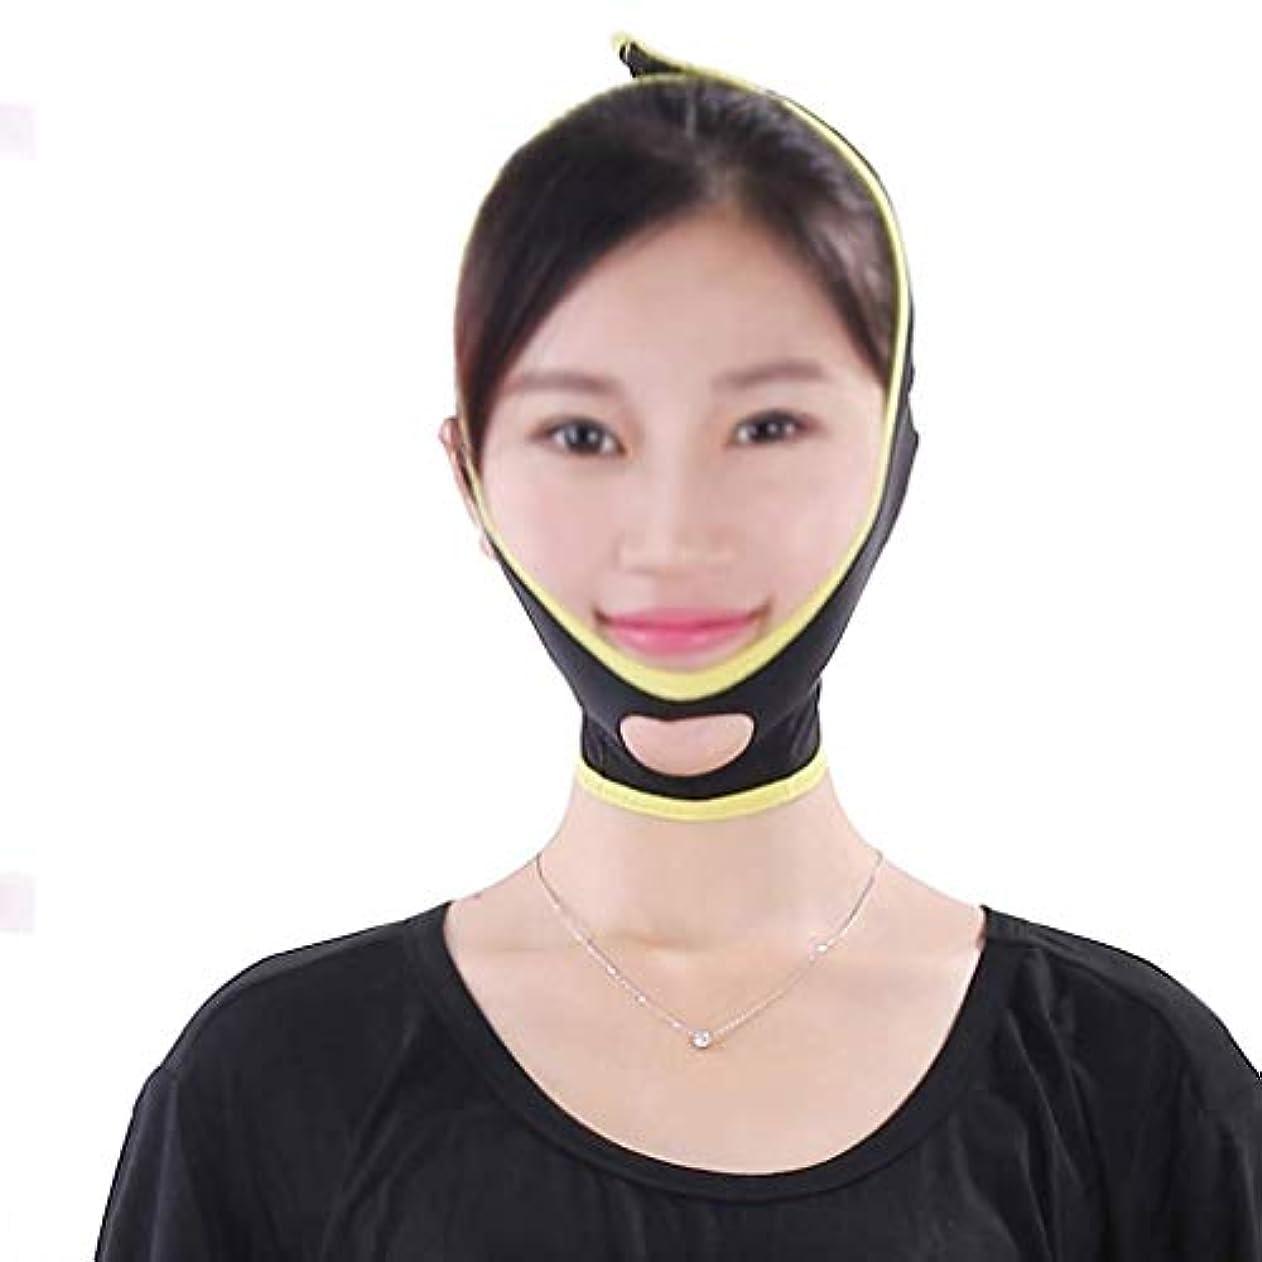 ロードハウスエンジニア馬鹿顔のマスク、男性と女性の顔を持ち上げるアーティファクト包帯美容リフティングファーミングサイズVフェイスダブルチンスリープマスク埋め込みシルクカービングスリミングベルト(サイズ:L)